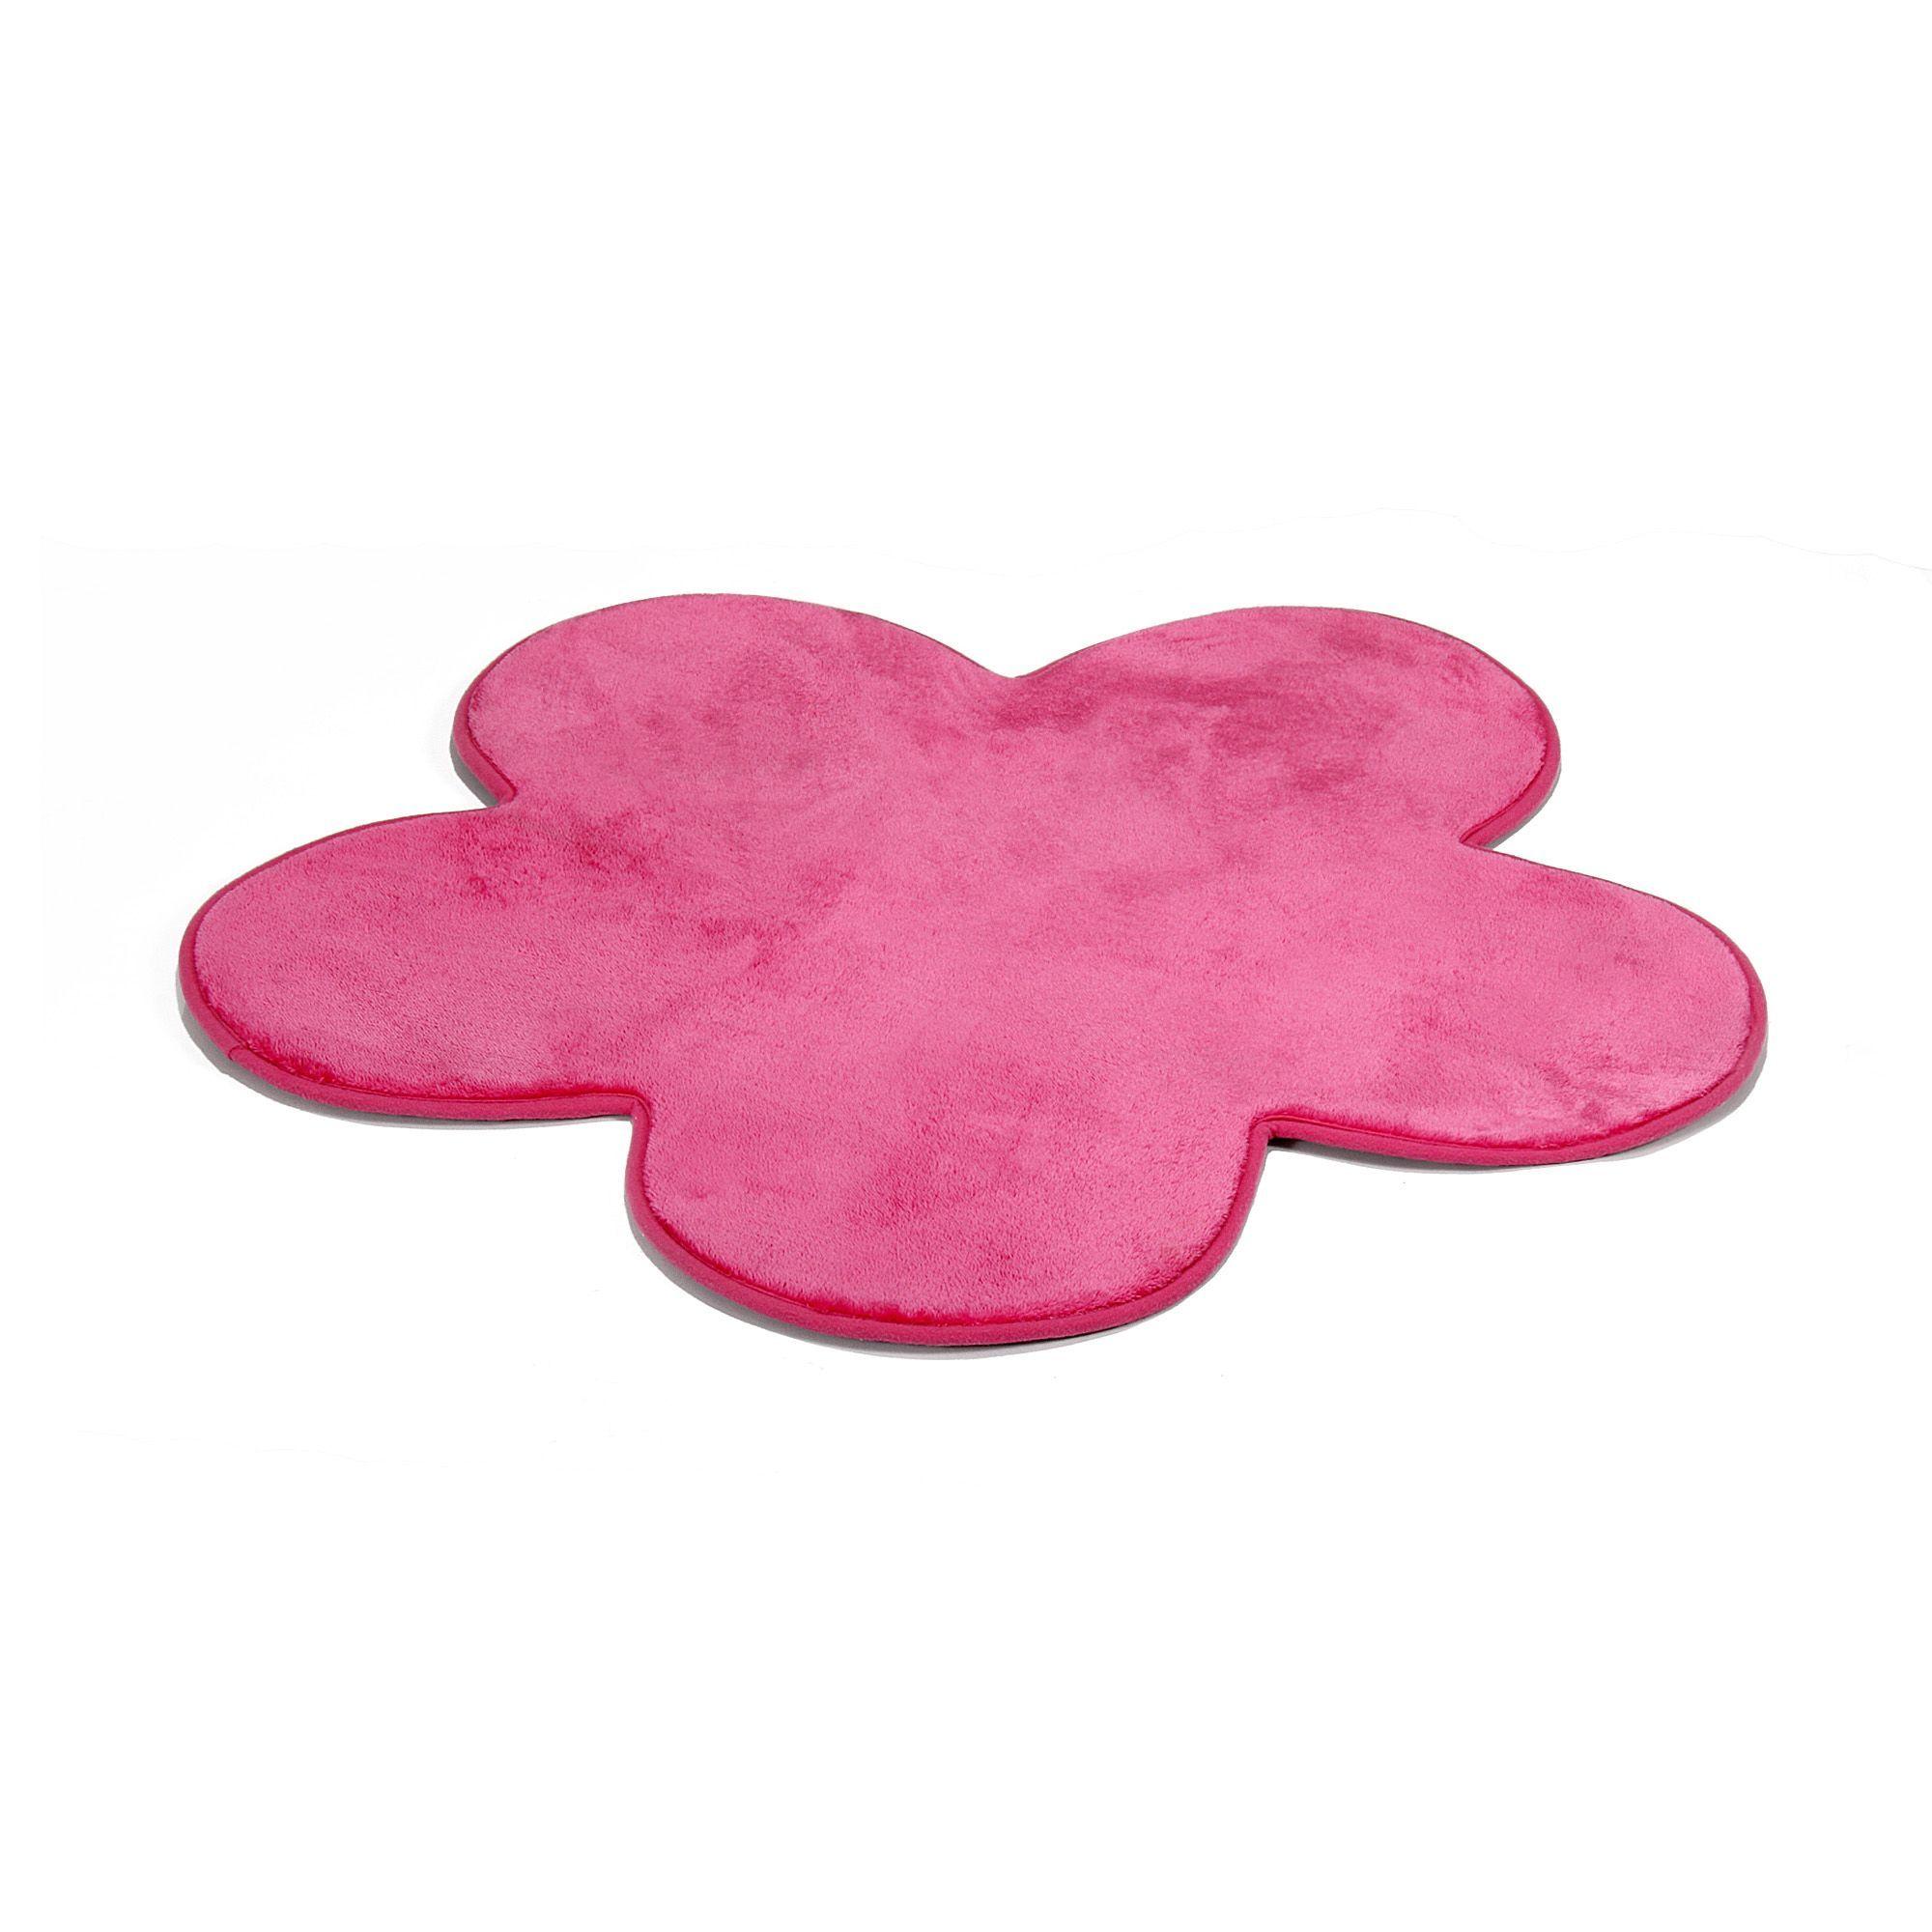 Tapis Rose En Forme De Fleur   Sweet   Décoration Maison Et Objets  Décoration   Tapis   Décoration Intérieur